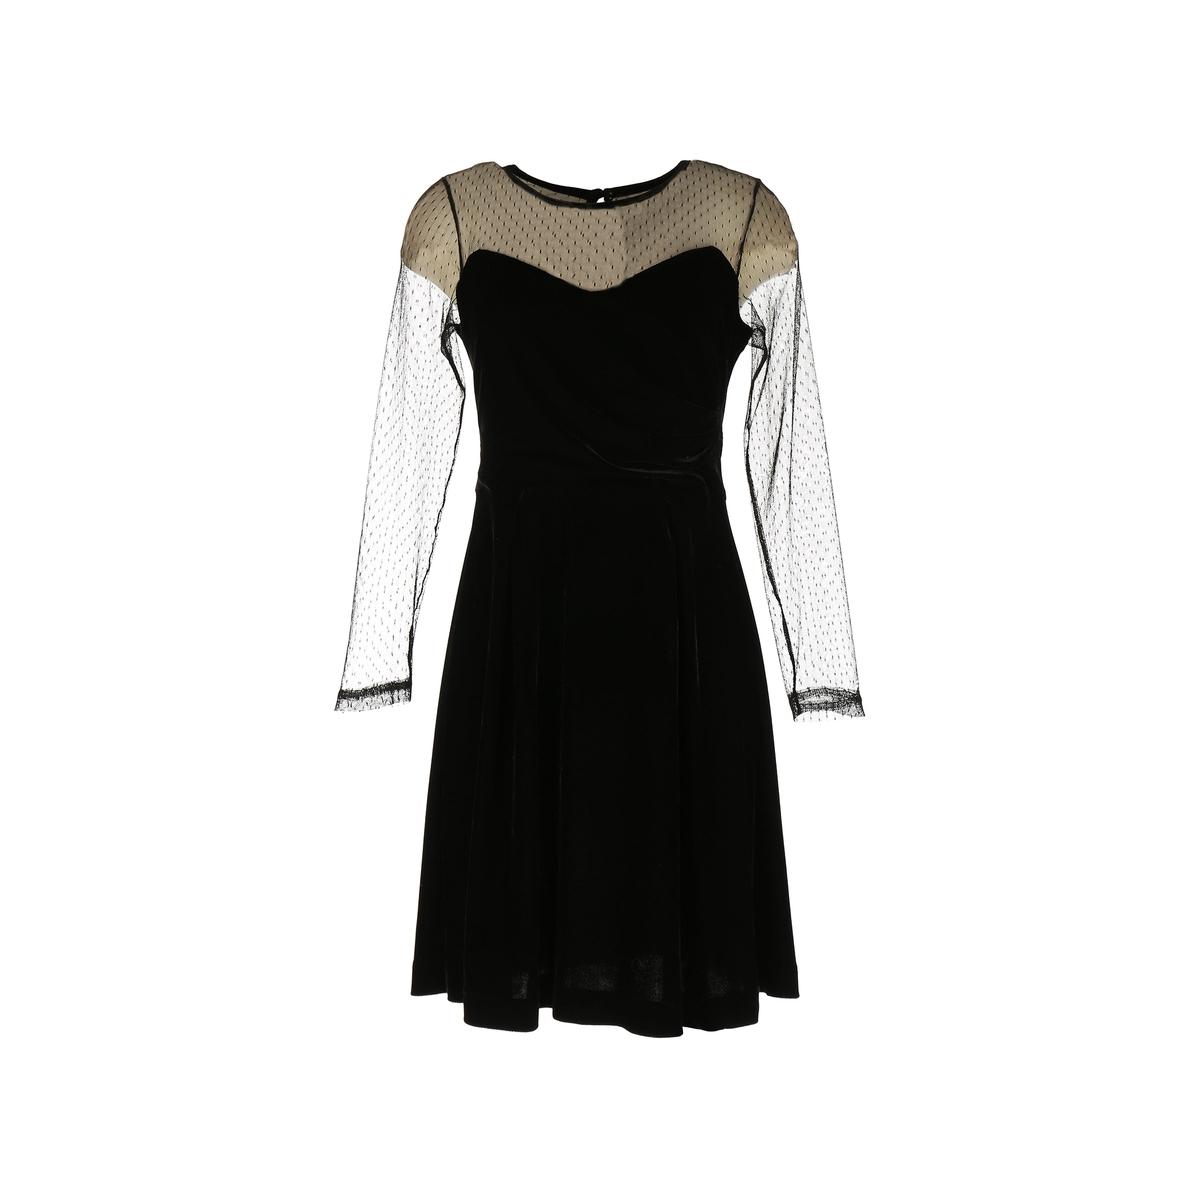 Платье короткое с длинными рукавами и кружевными вставками, расшитыми гладьюДетали •  Форма : расклешенная •  Короткое  •  Длинные рукава     •  Круглый вырезСостав и уход •  4% эластана, 96% полиэстера  •  Следуйте советам по уходу, указанным на этикетке<br><br>Цвет: черный